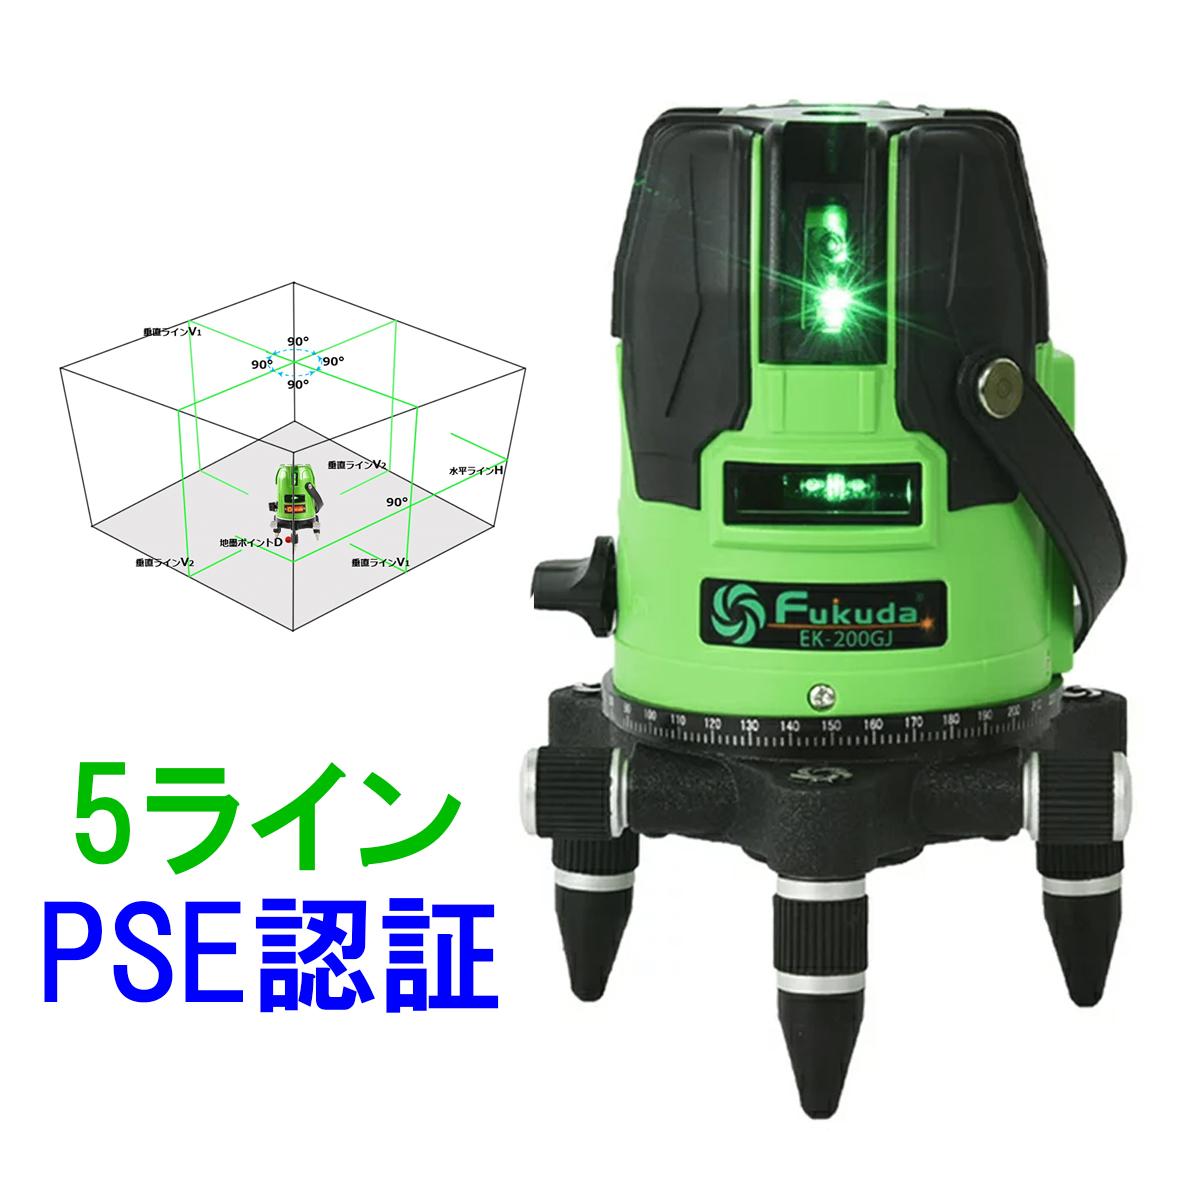 低価格で ナンバー1 のコストパフォーマンスに優れた商品です 一年保証 ユーザーが安心して購入 使用できるようにアフターメンテナンス費用を激安にしております Fukuda正規販売店 EK-400GJ墨出し器 PSE認証 FUKUDA 福田 フクダ 5ライン グリーンレーザー墨出し器 レーザー墨出器 クロスライン レーザー墨 レーザー水平器 レーザー墨出し器 送料無料 レーザー測定器 激安格安割引情報満載 初回限定 レーザーレベル 4垂直1水平 4方向大矩ライン 墨だし器 墨出し器 墨出し